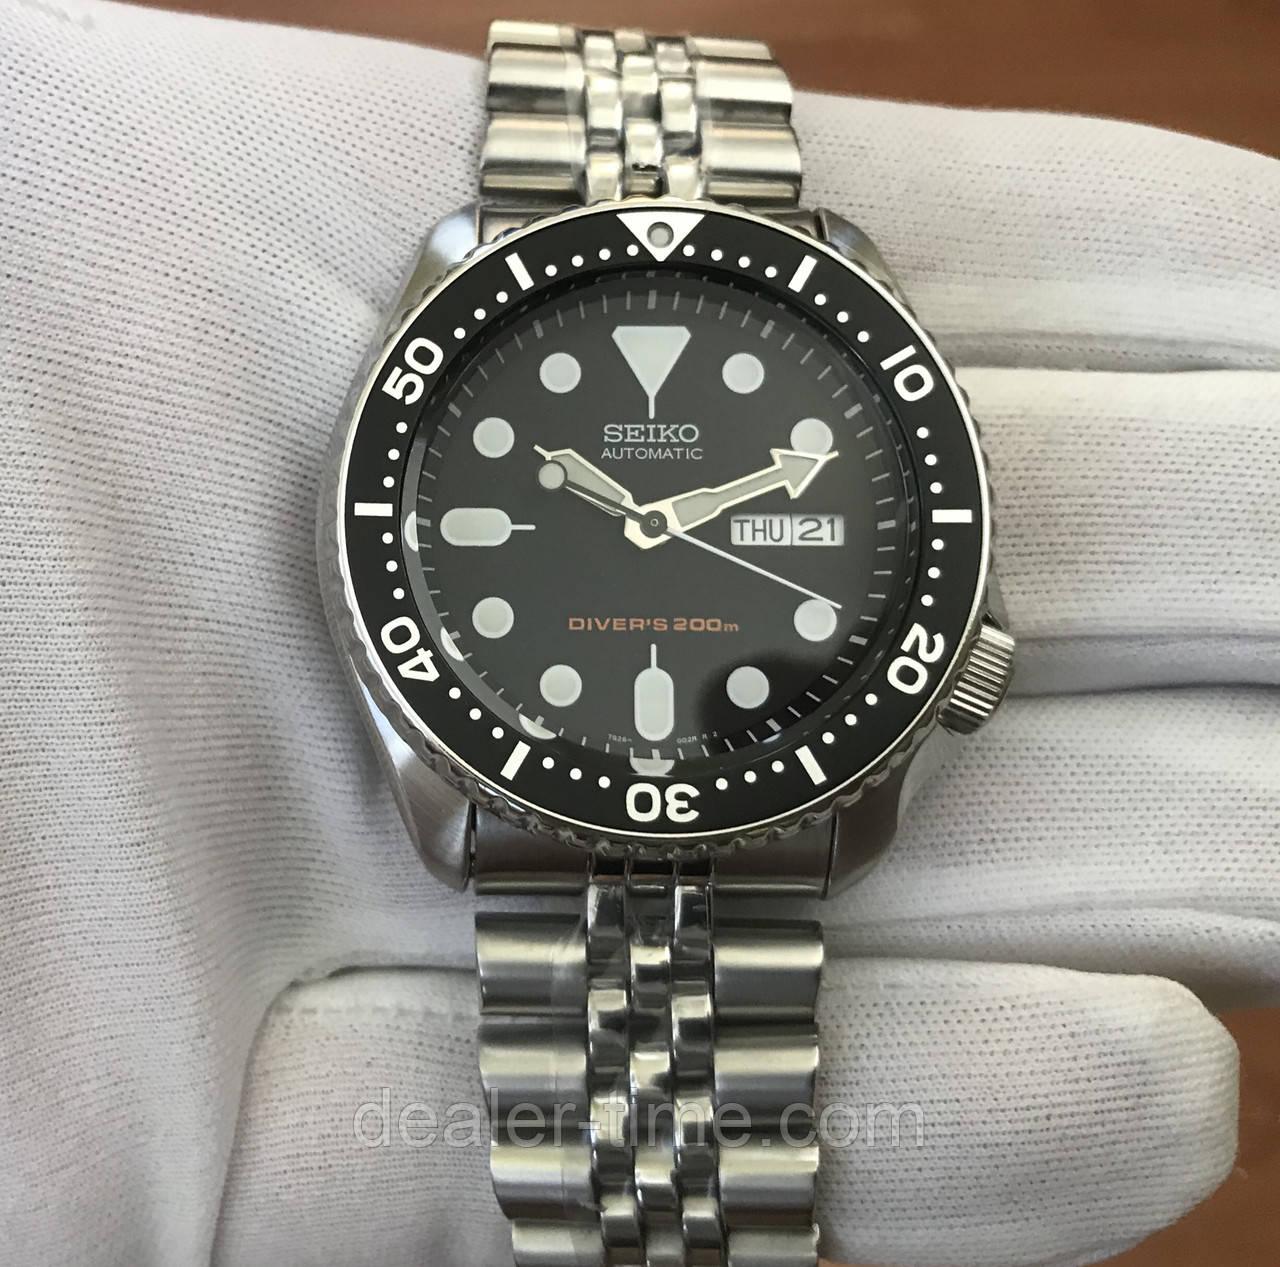 Seiko Automatic Diver 200m Skx007k2 7 380 Divers Black Dial Dealer Time